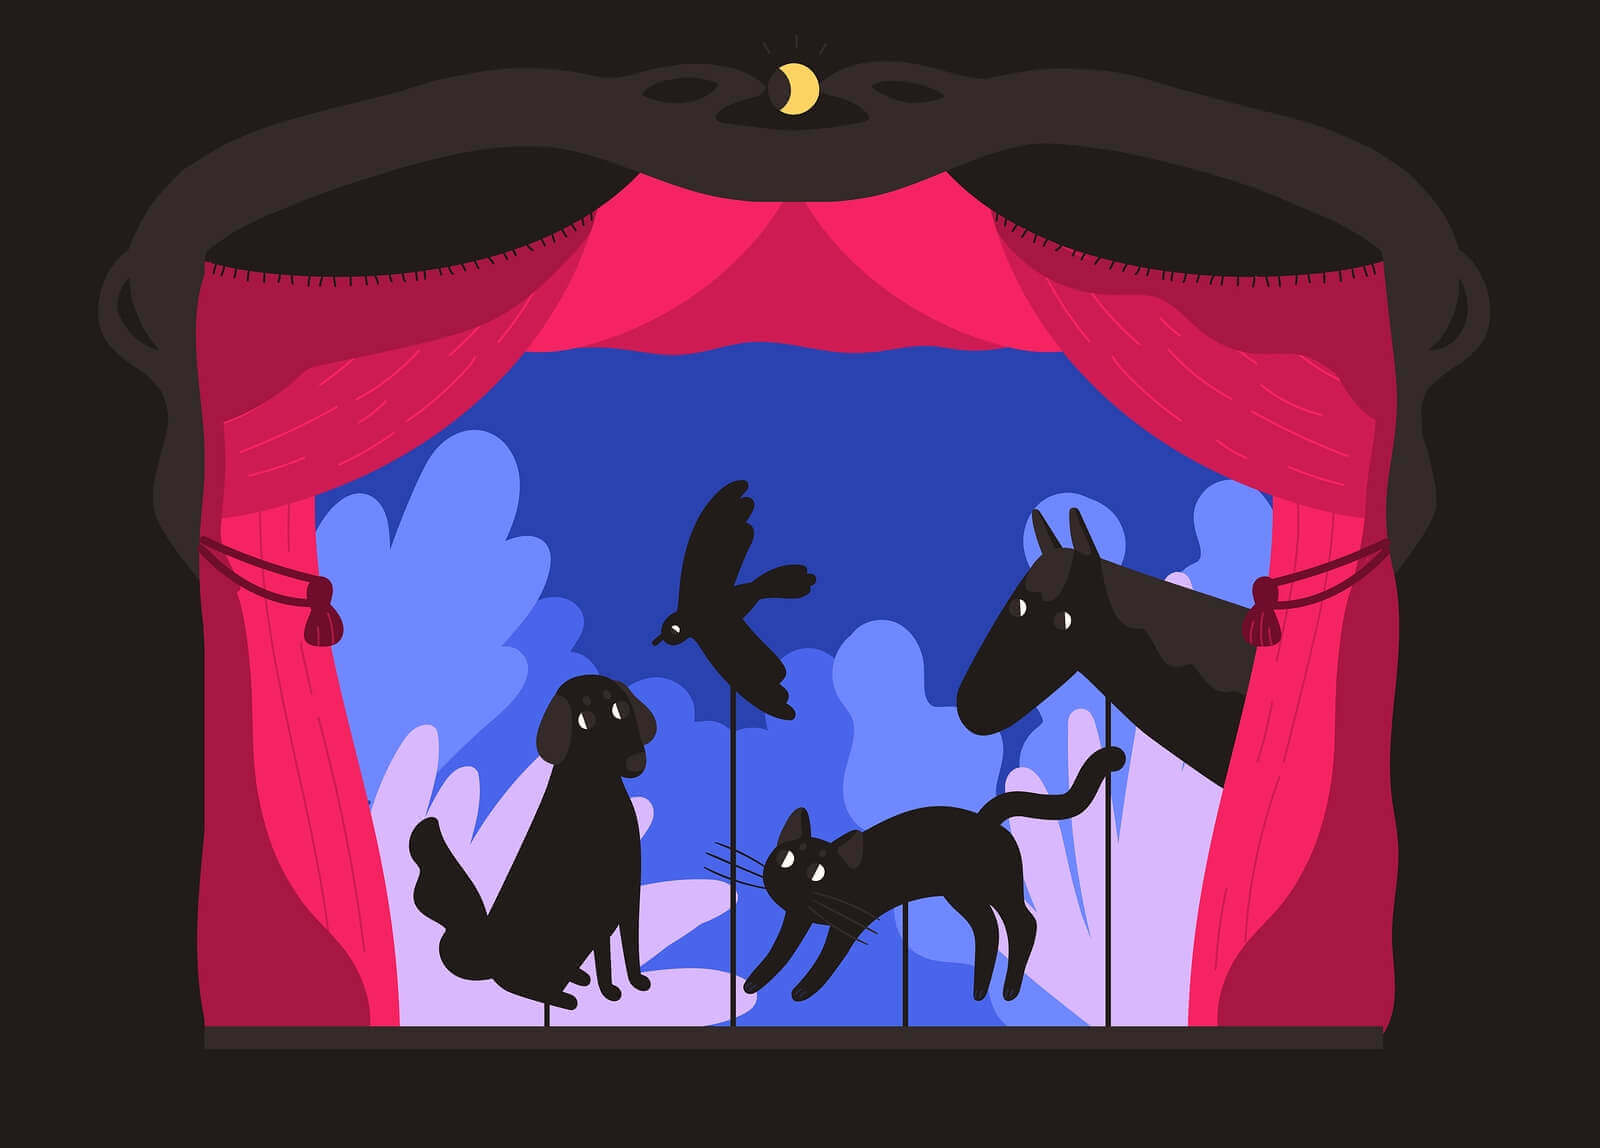 fazer um teatro de sombras em casa